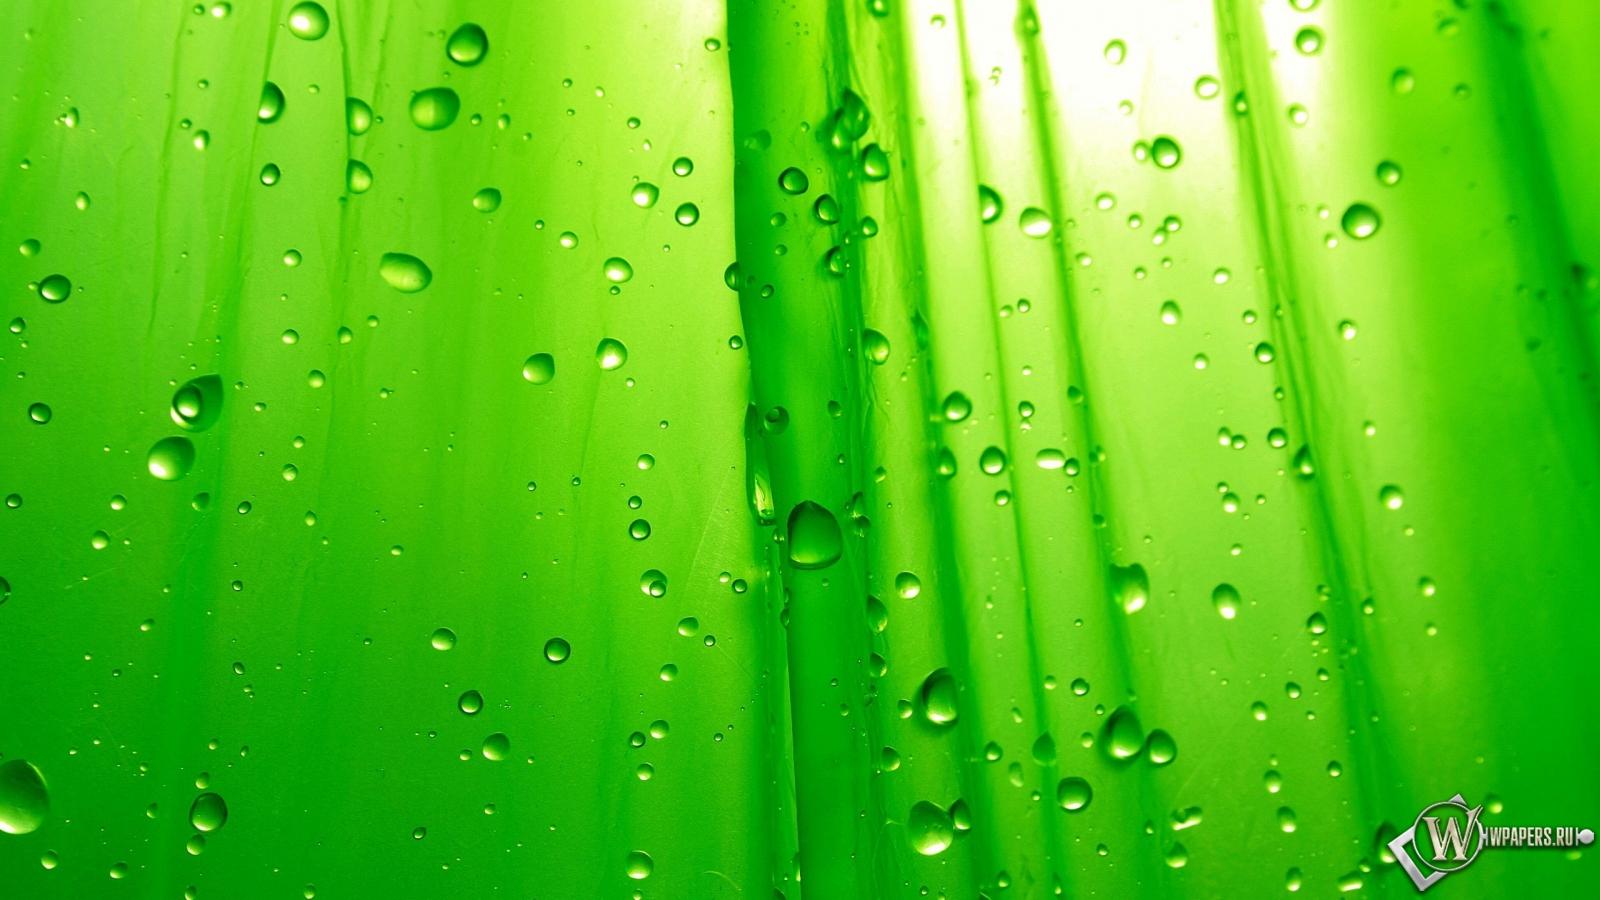 Зелёный фон 1600x900